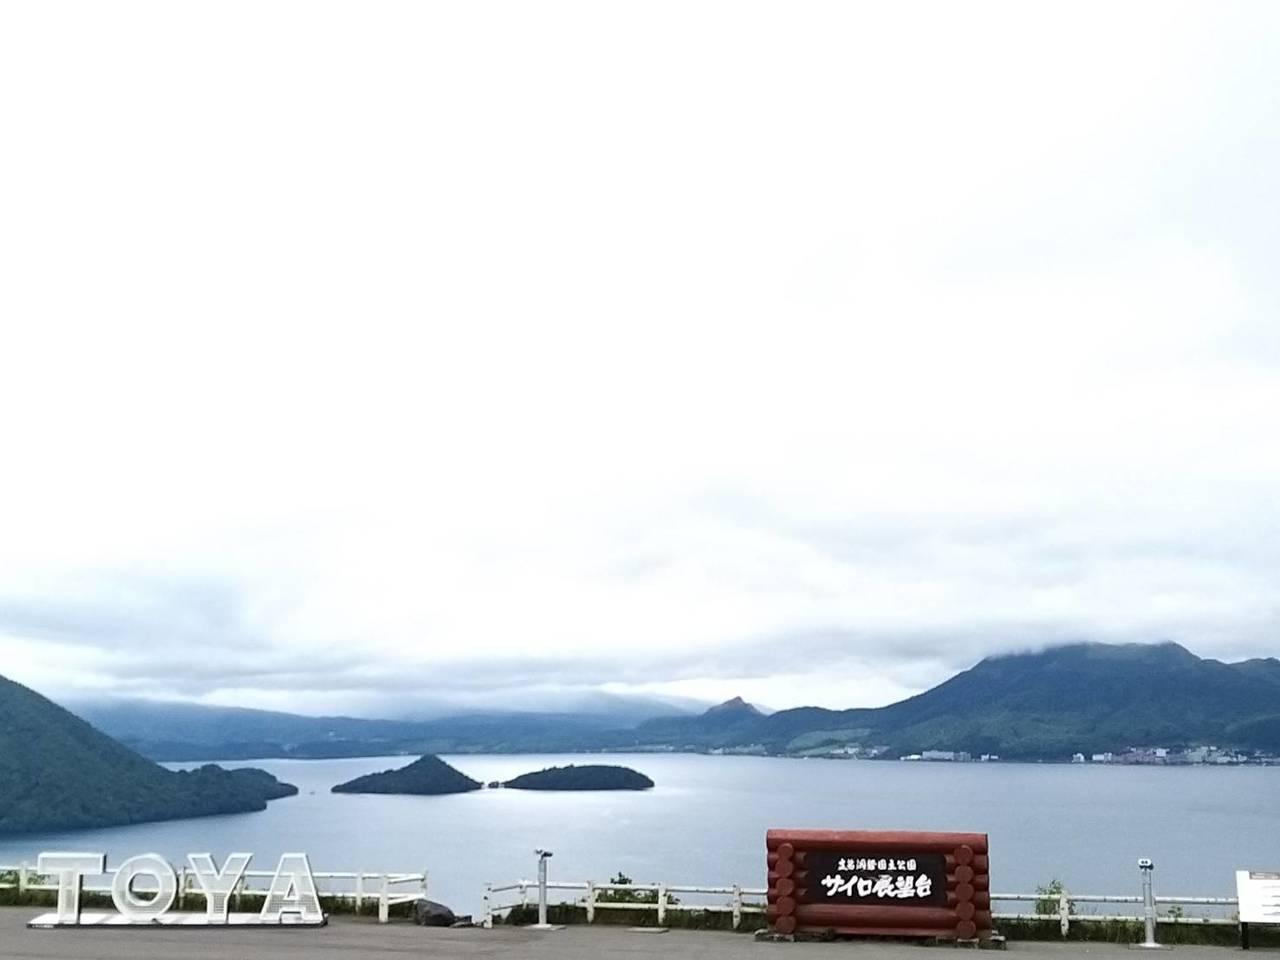 洞爺湖因風景秀麗、地質景觀豐富,是日本第一個被聯合國教科文組織認定為「地質公園」...